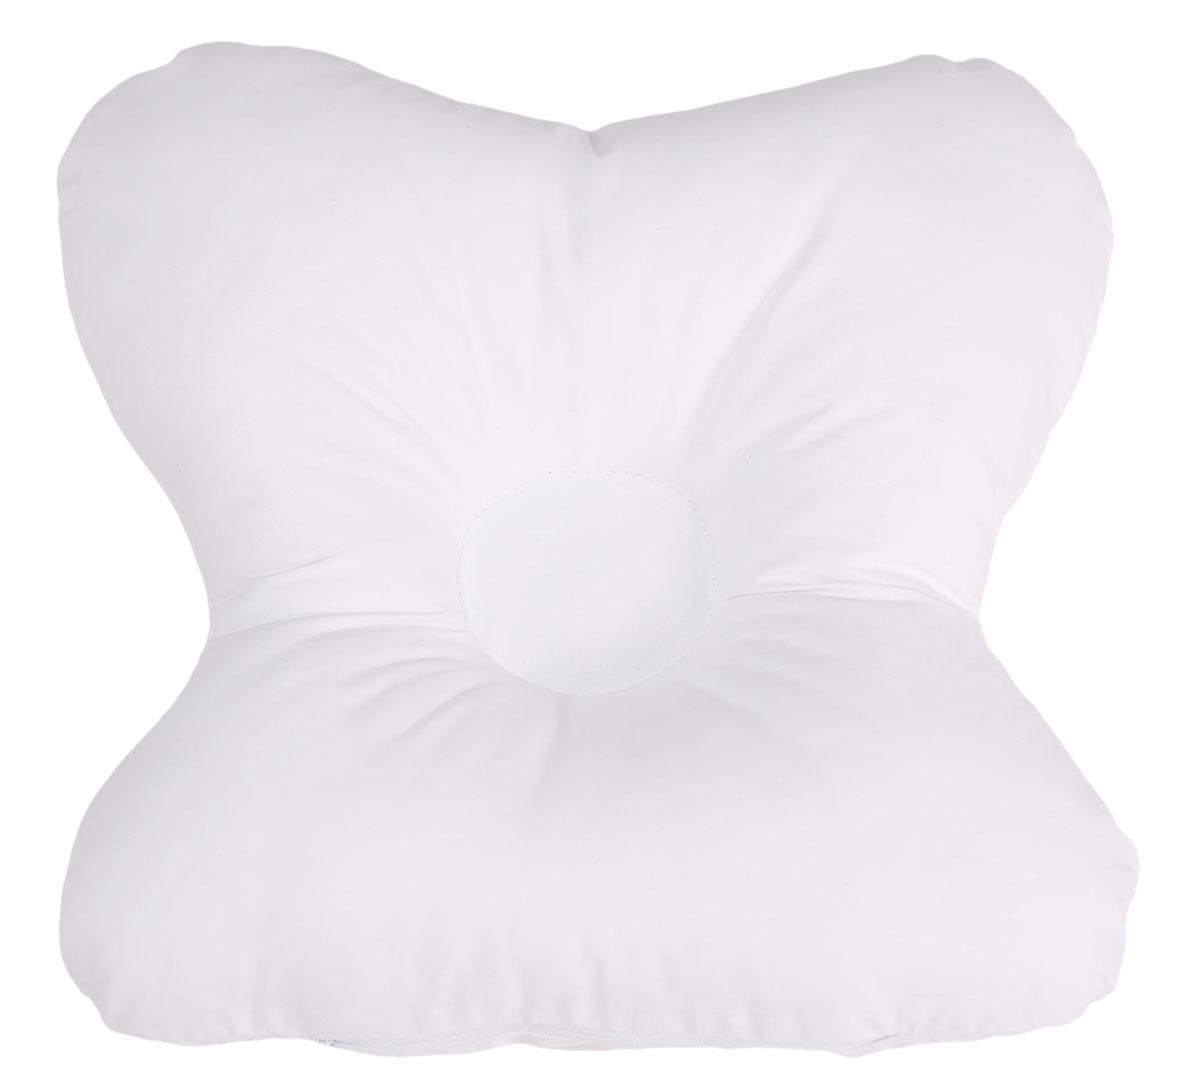 Bio-Textiles Подушка детская Малютка, наполнитель: лебяжий пух; цвет: белый. 27 х 24 см. M094